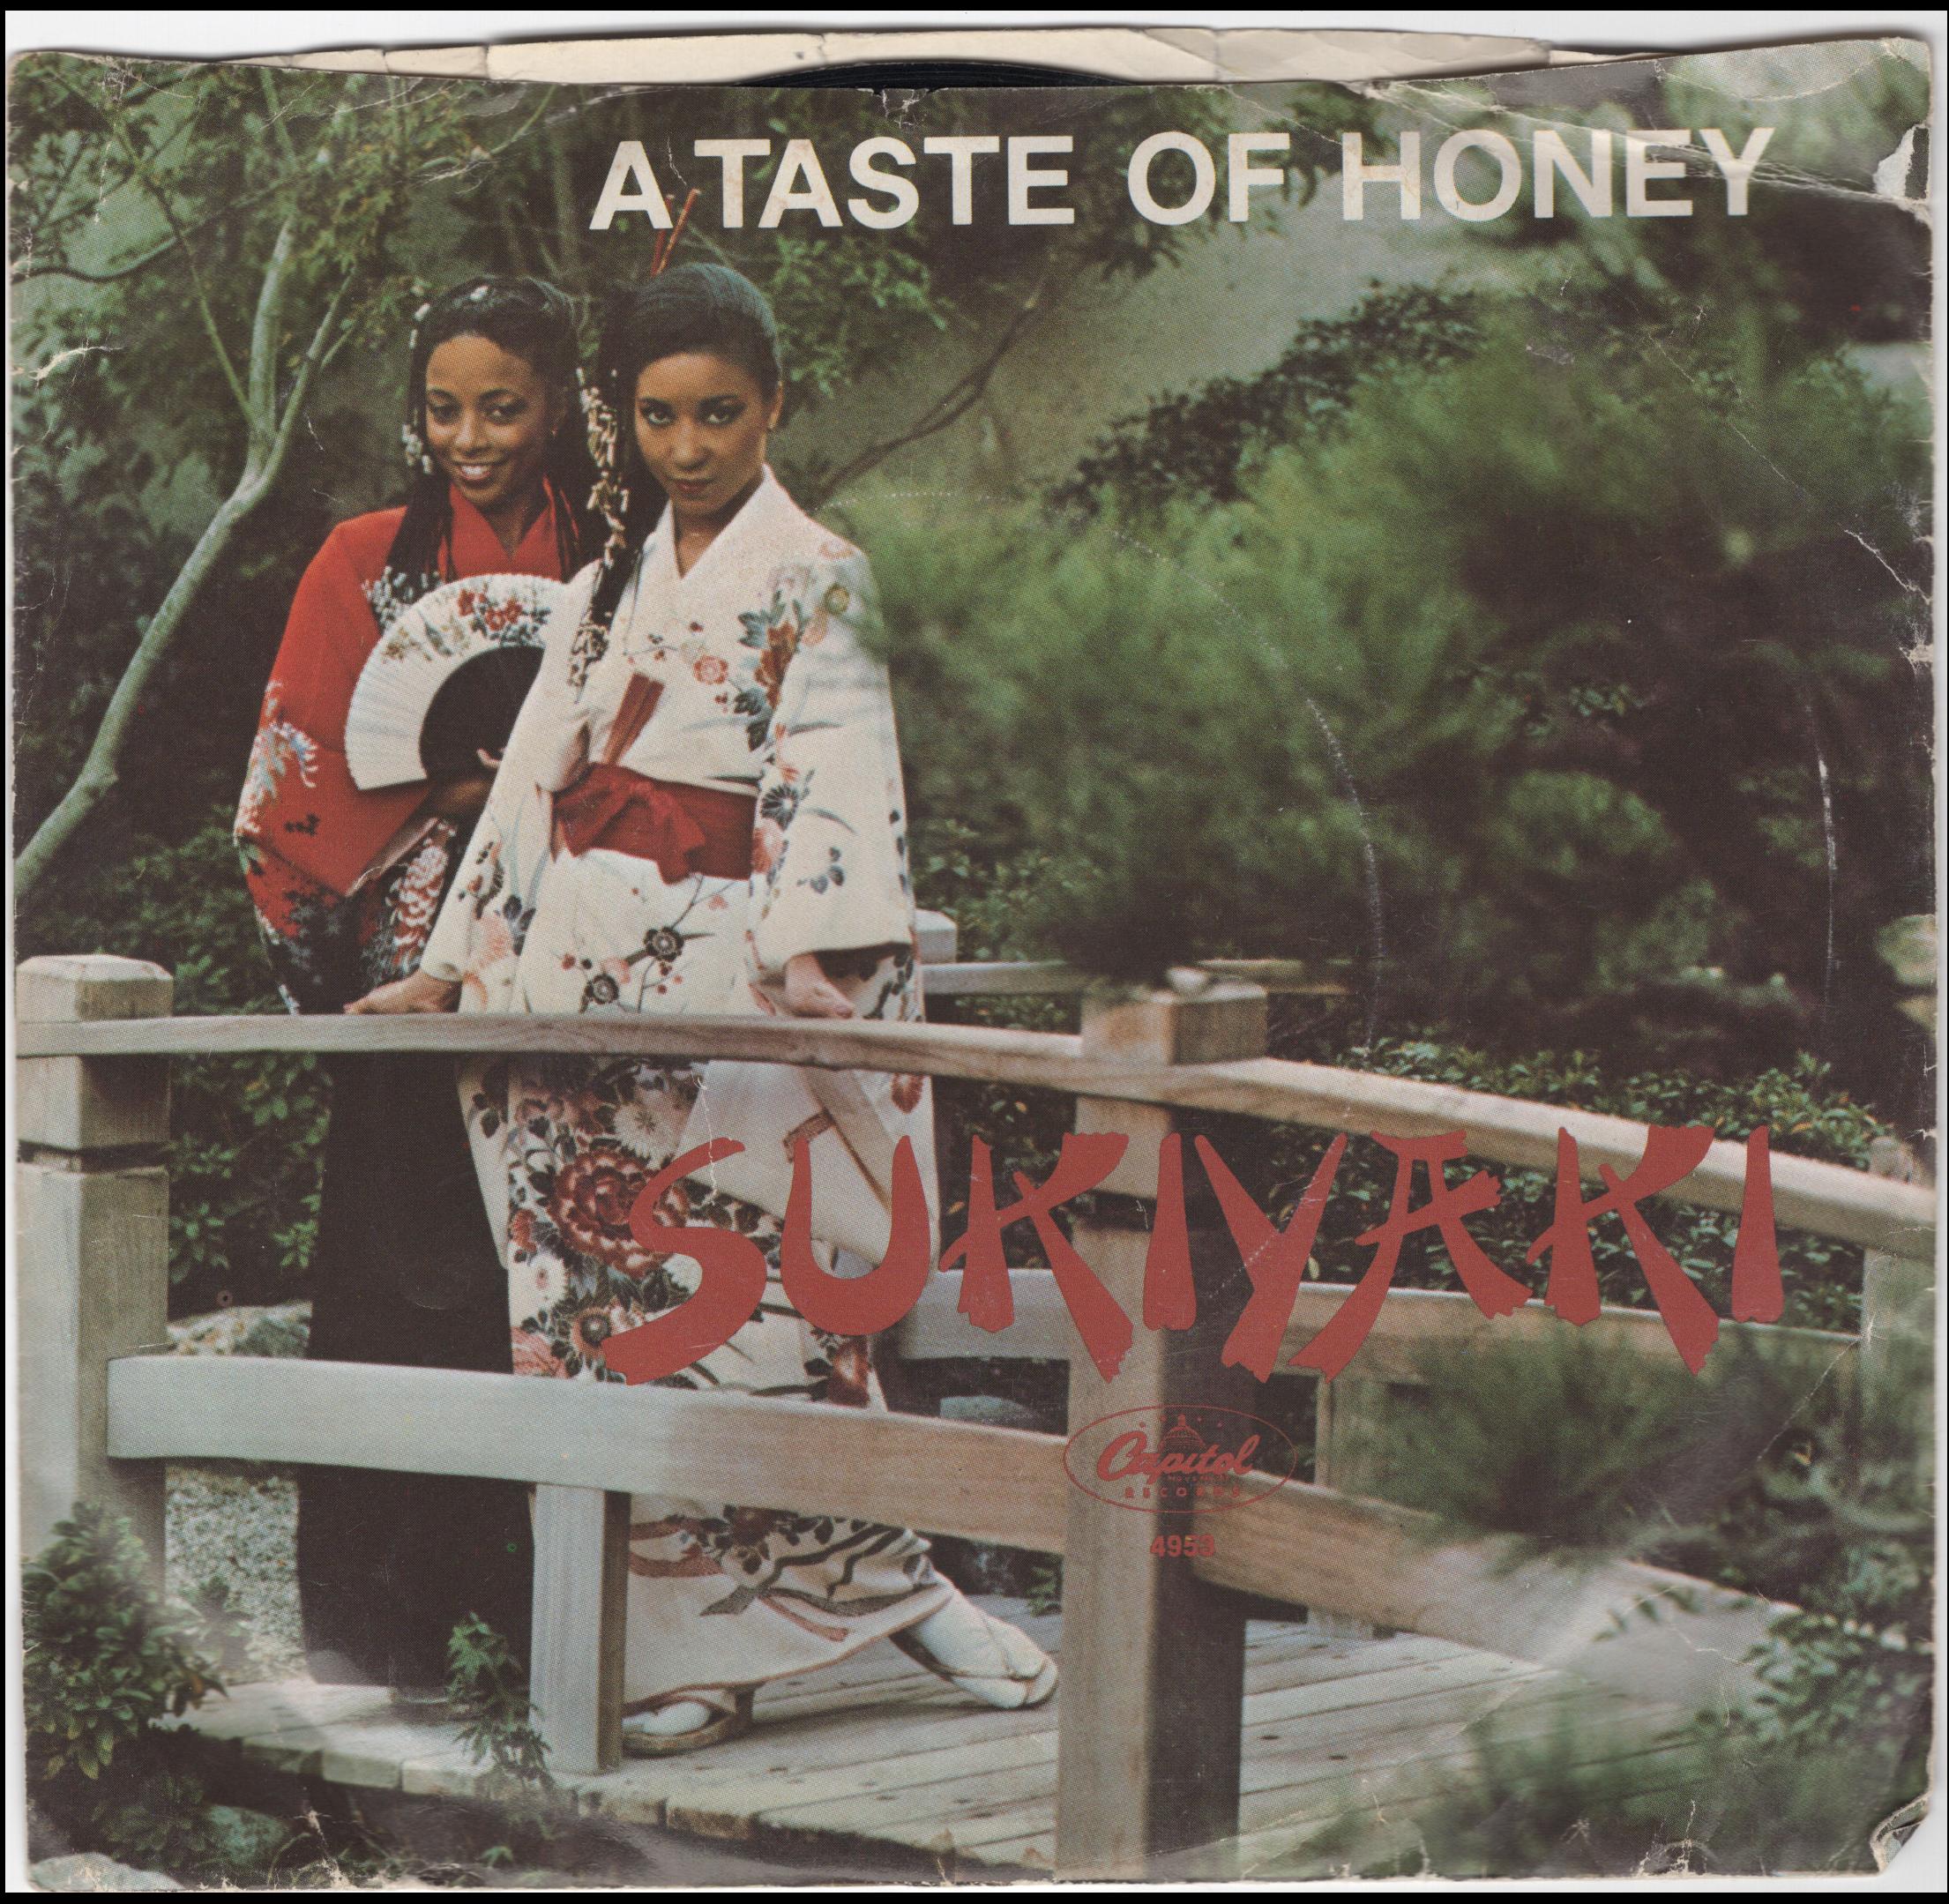 WLWLTDOO-1980-45-SUKIYAKI-A_TASTE_OF_HONEY-JACKET-4953.png